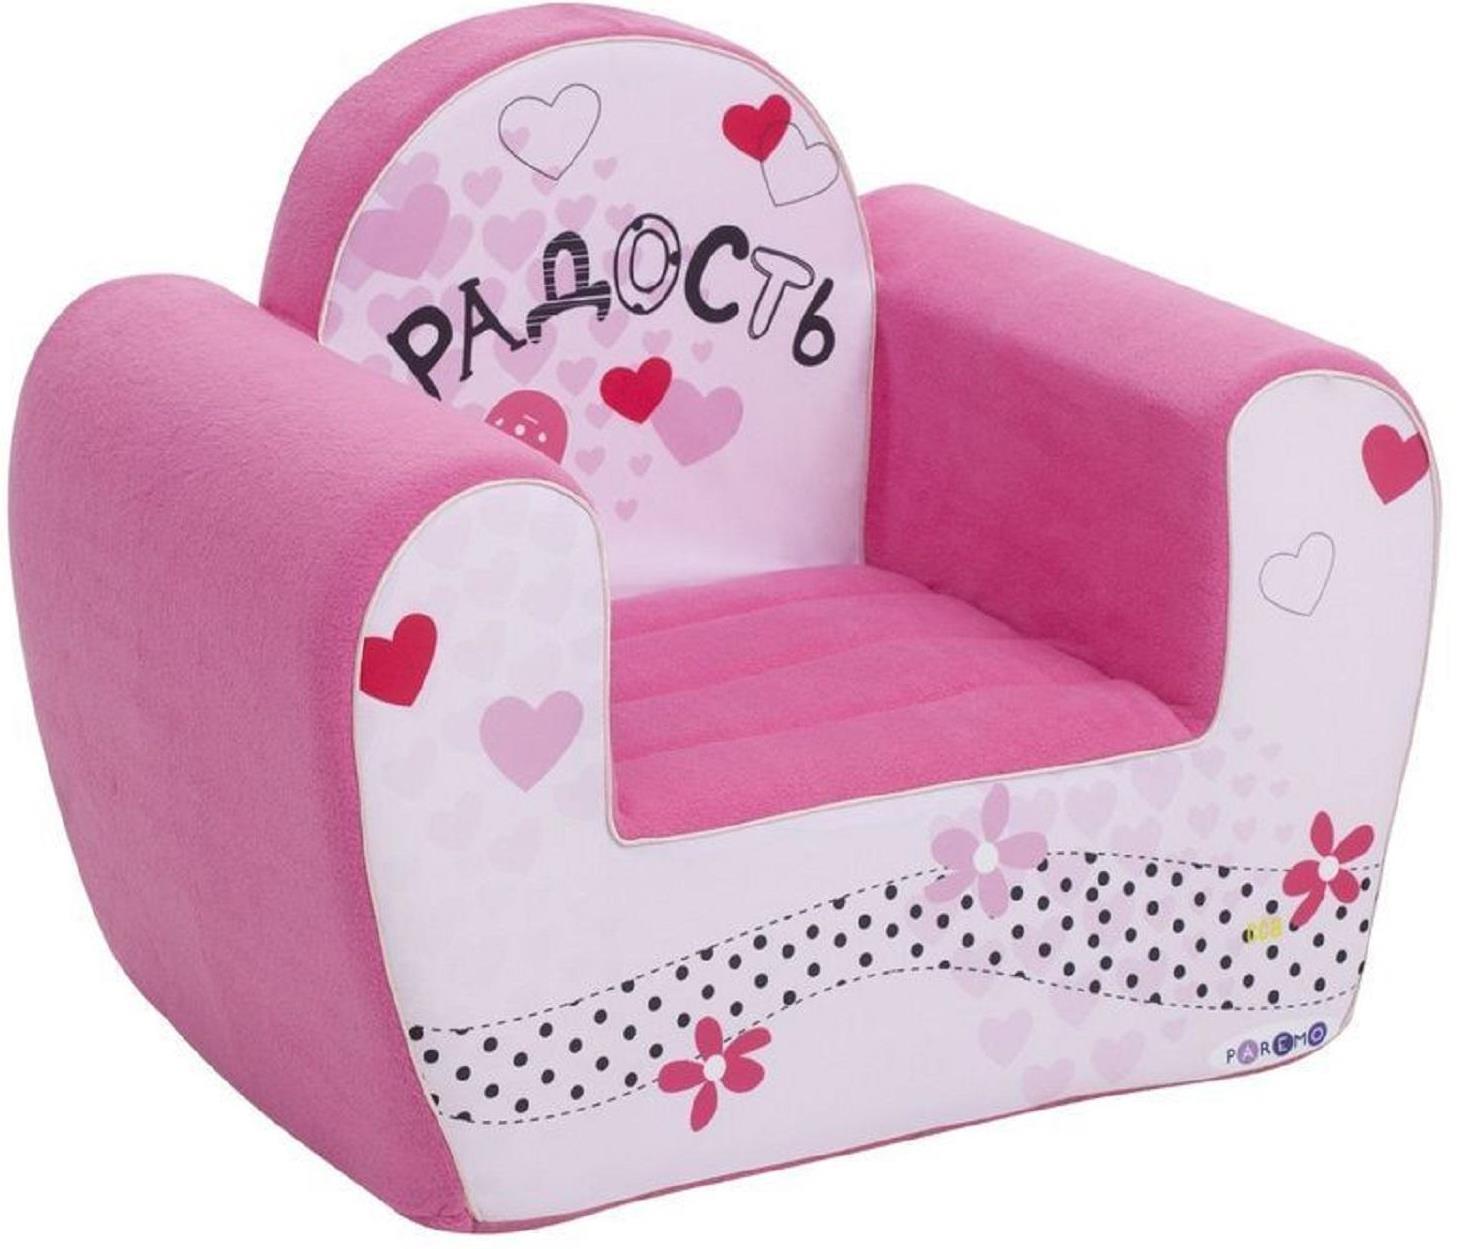 Paremo Игровое кресло серии Инста-малыш - #Радость